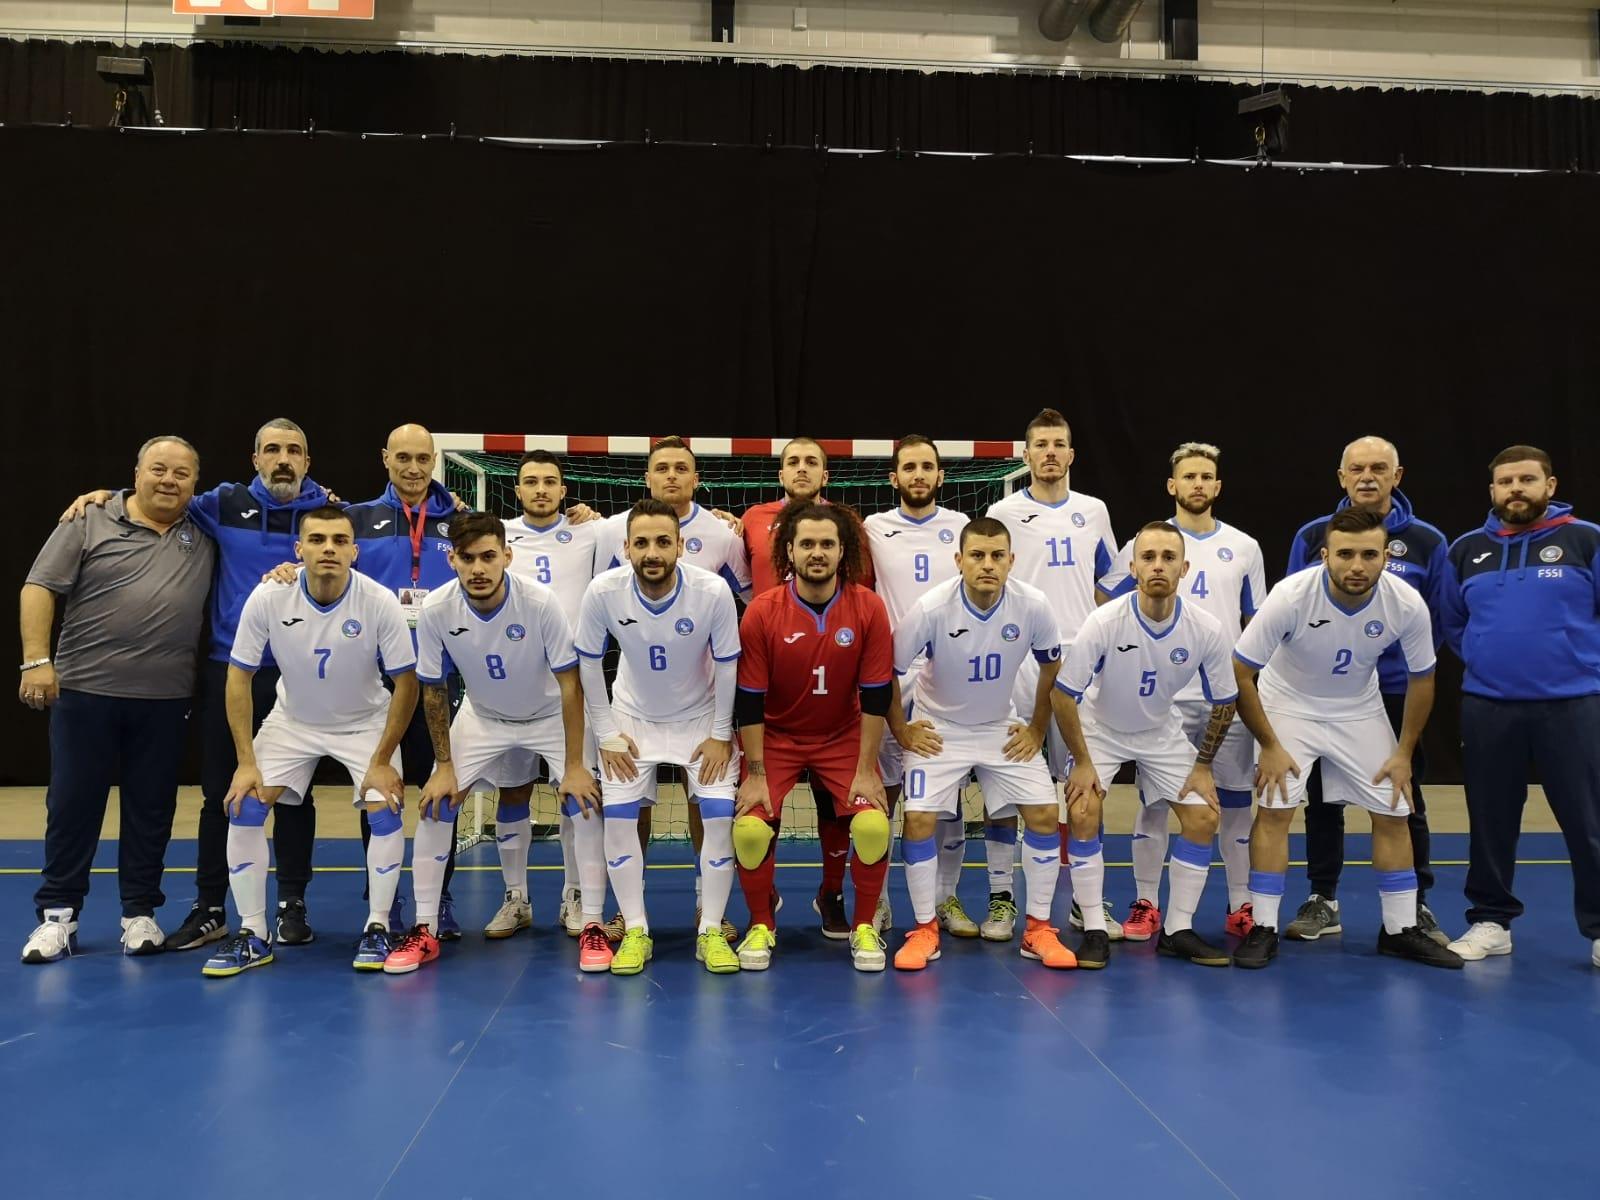 5° Campionato Europeo di Futsal a Tampere. Italia vs Bielorussia 9-4